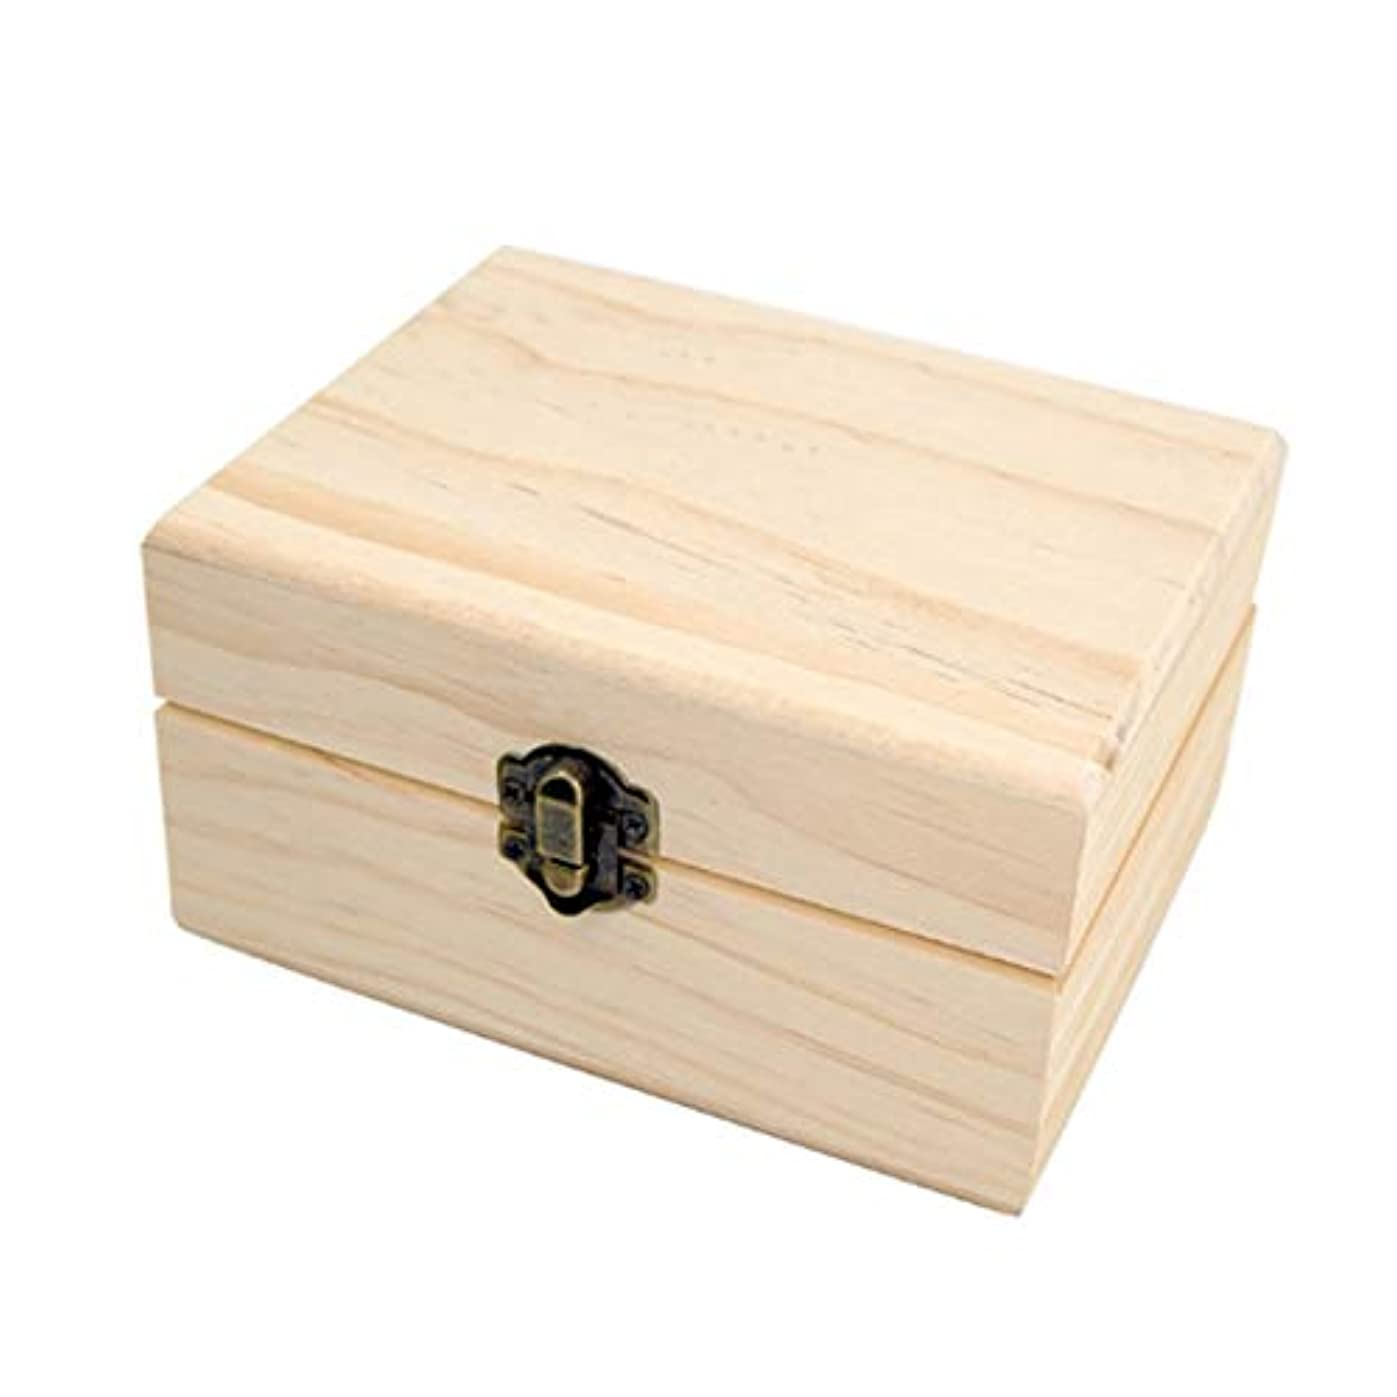 コイルポジションチューインガムフェリモア エッセンシャルオイル 収納ボックス ボトル用 松 木製 格子状 倒れにくい 12マス (ブラウン)